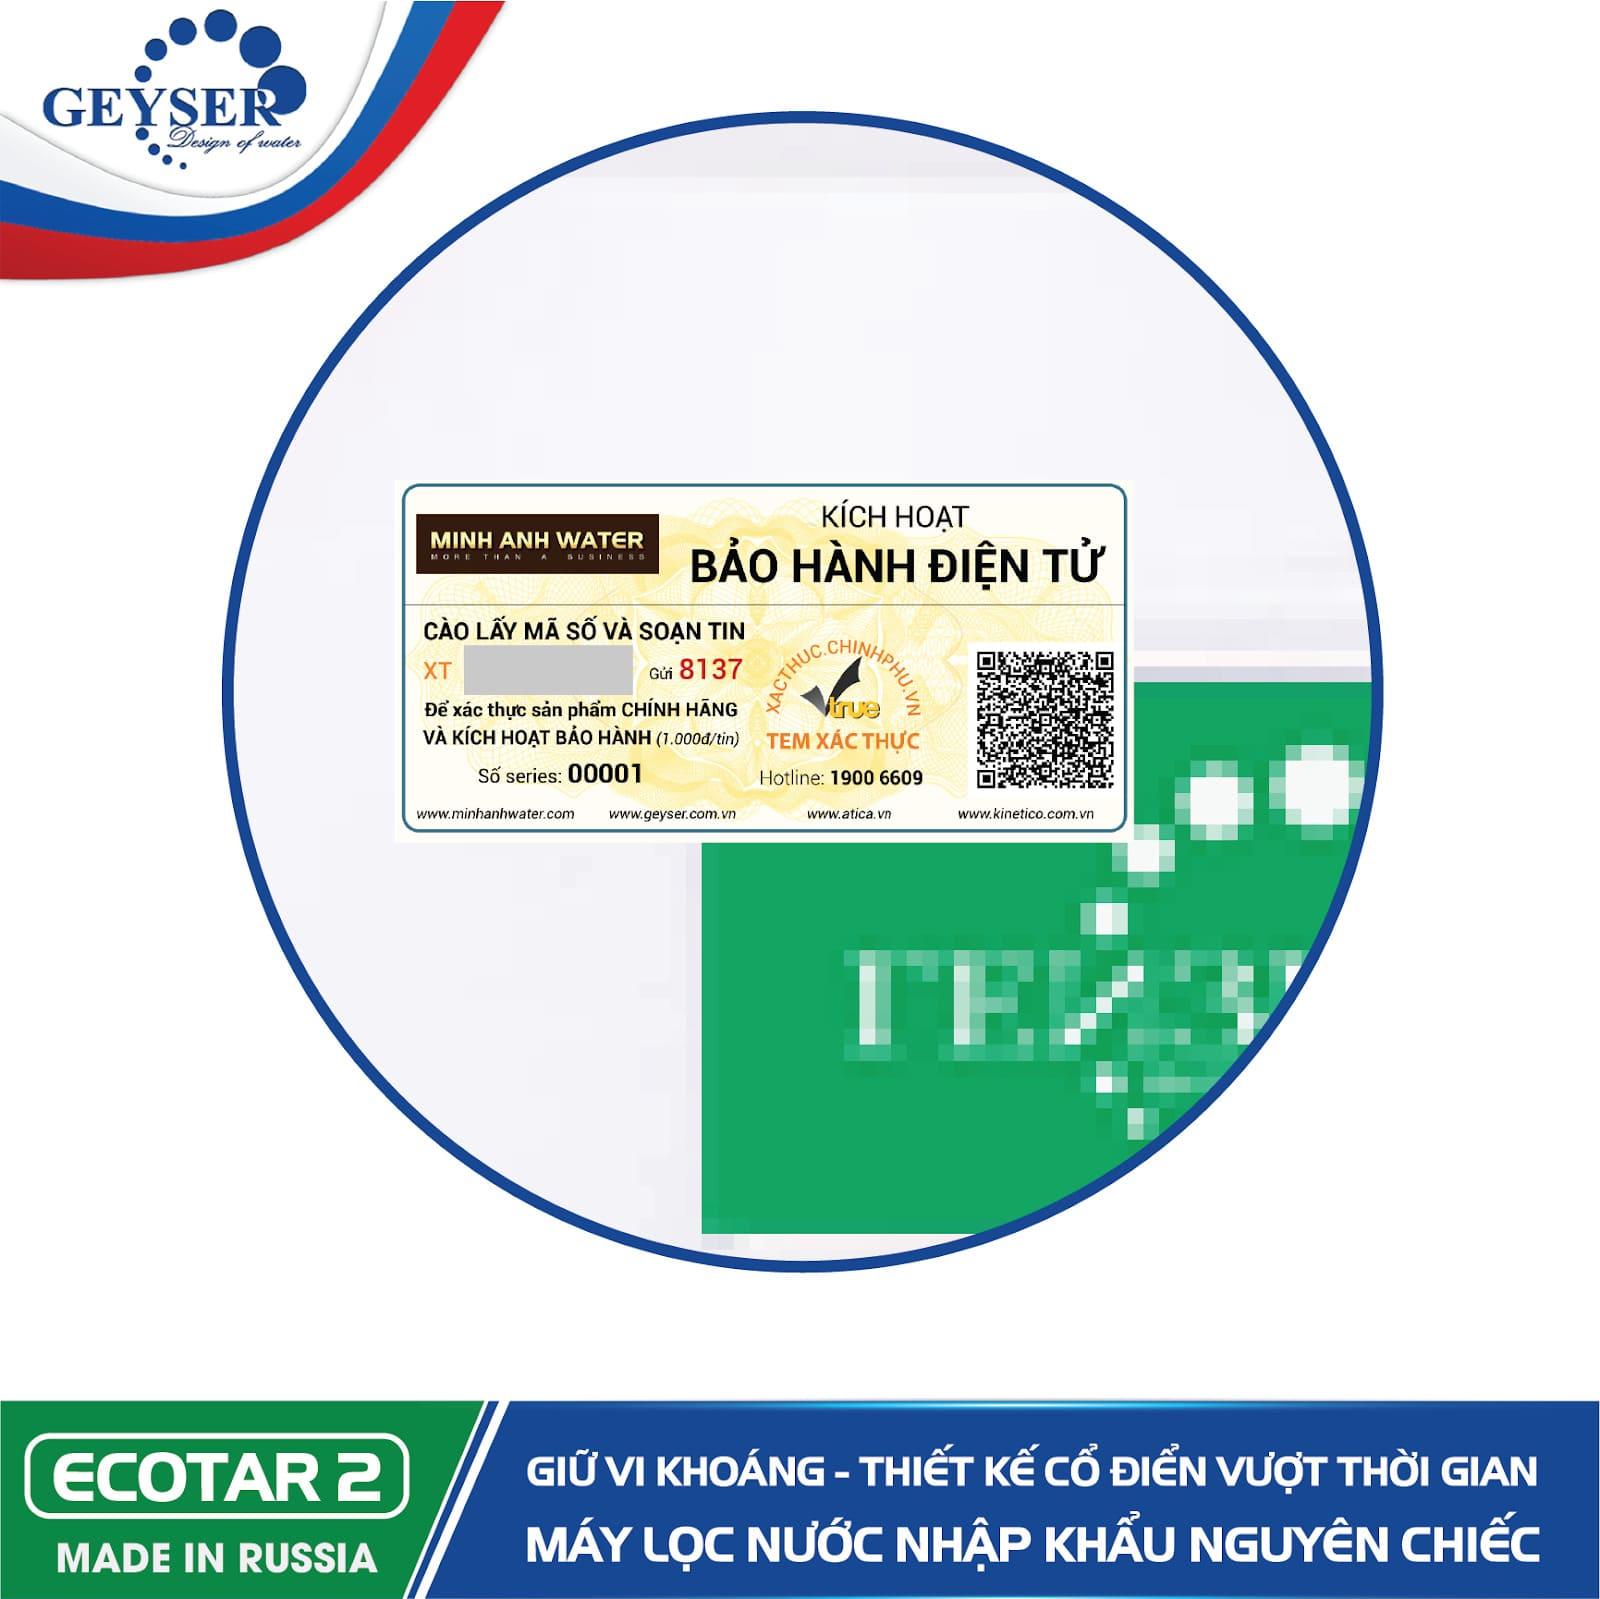 Tem kích hoạt bảo hành điện tử máy Geyser Ecotar 2